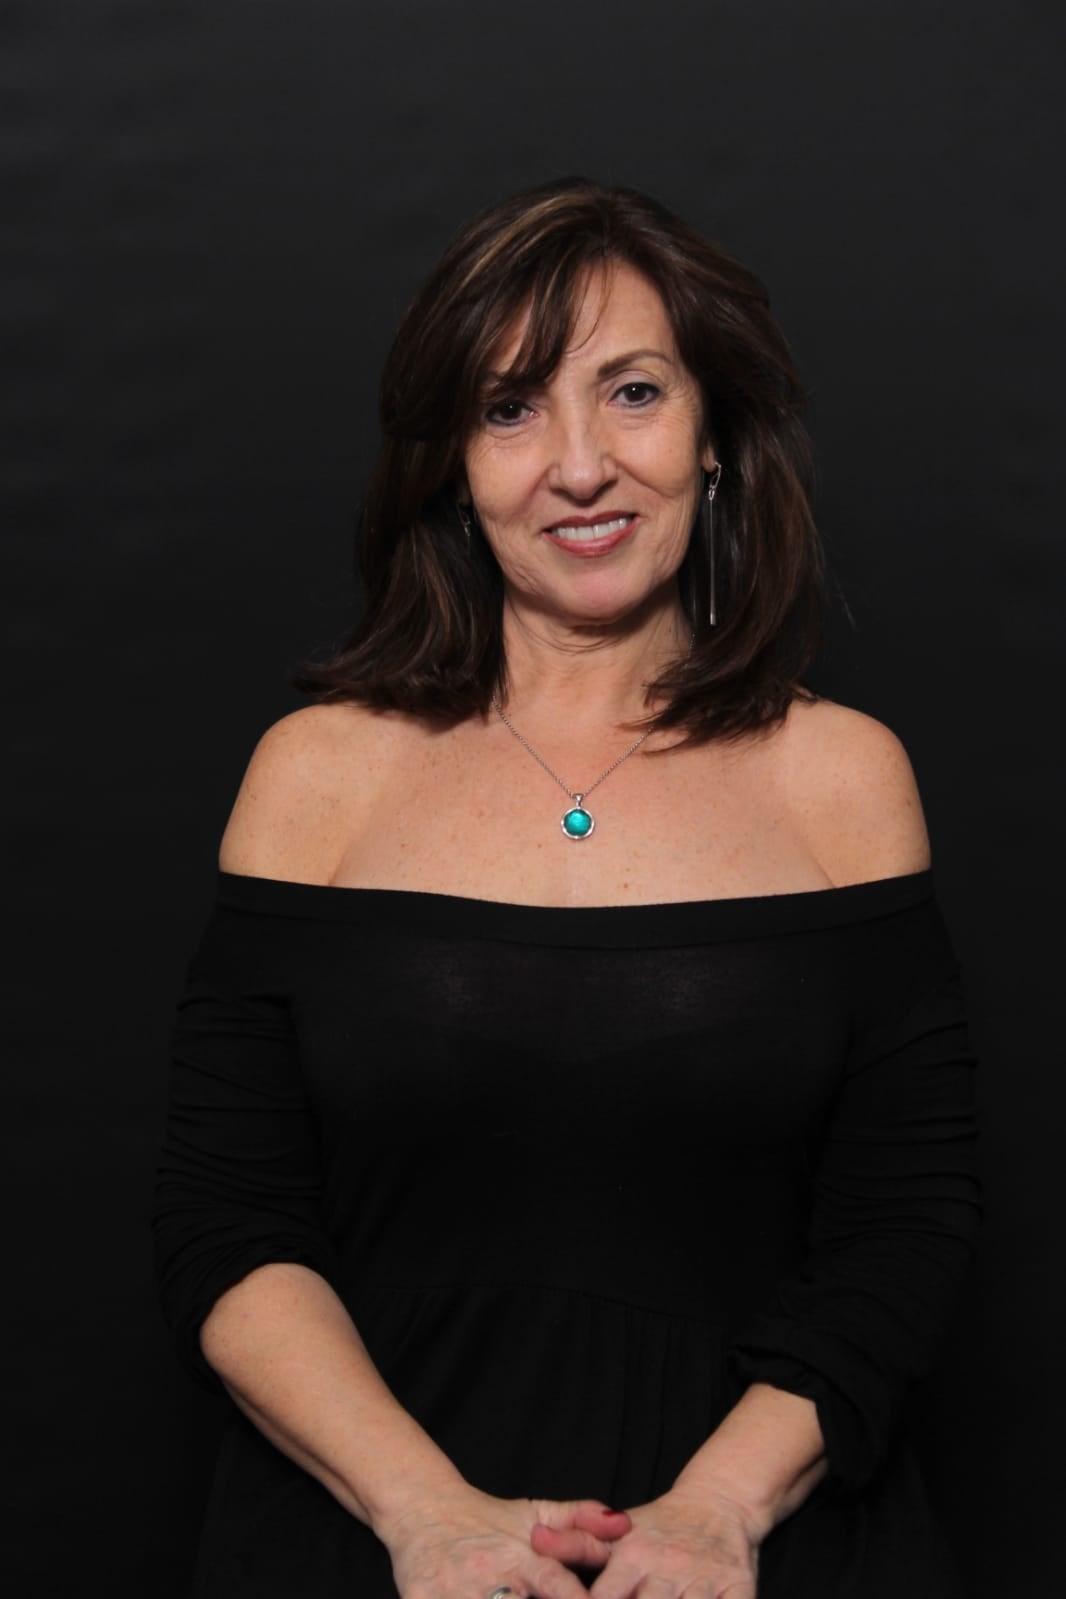 Ángeles Rodríguez Fuentes